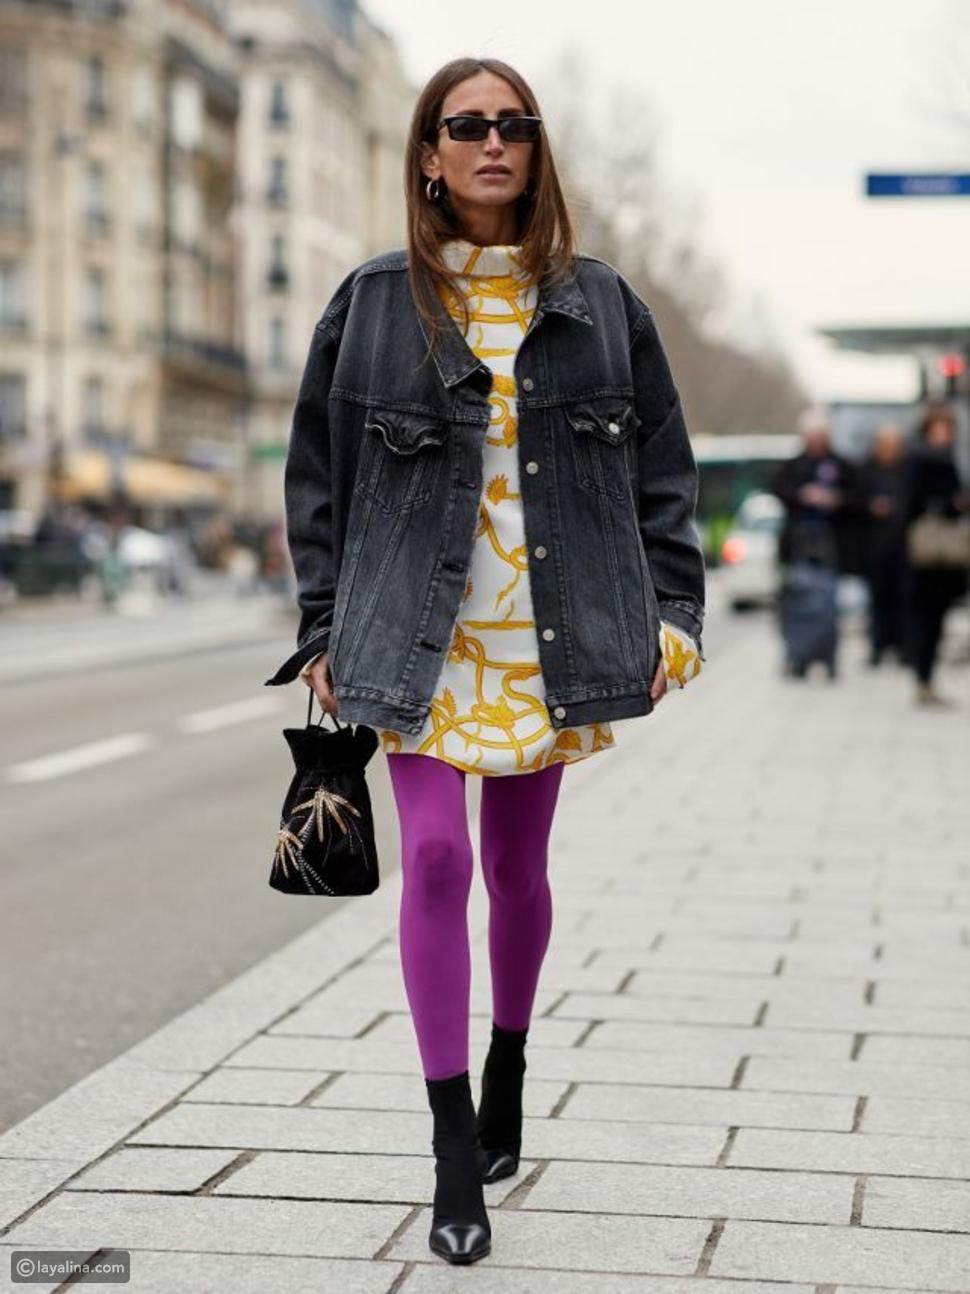 جوارب باللون البنفسجي